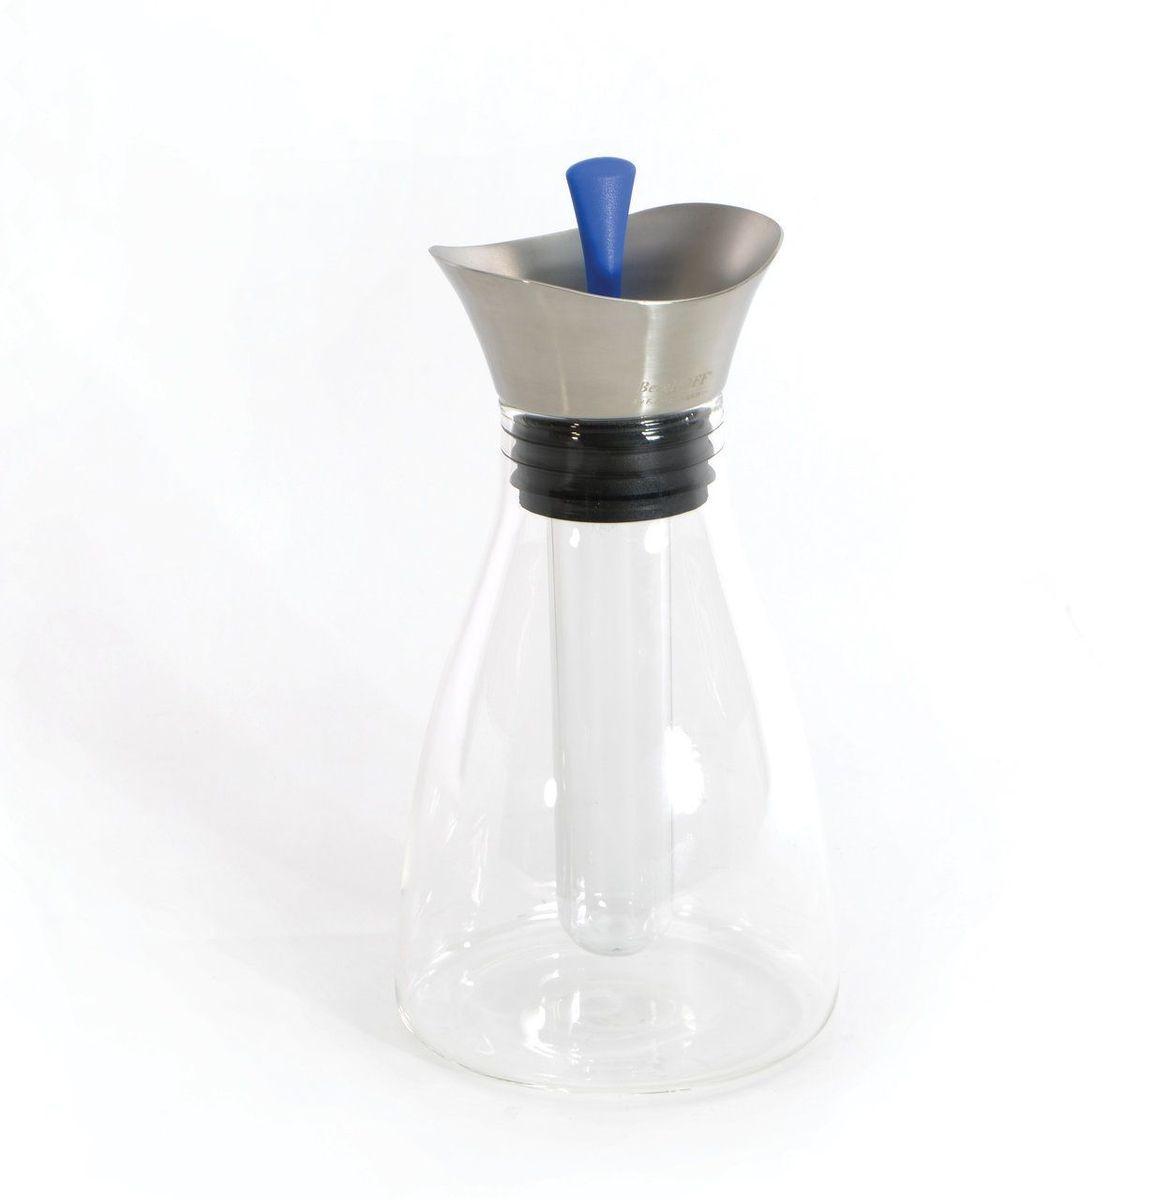 Графин для холодных напитков BergHOFF Eclipse, 1,2 л3700472Графин для холодных напитков BergHOFF Eclipse изготовлен из высокопрочного боросиликатного стекла. Крышка - из нержавеющей стали 18/10 и силикона. Графин идеально подходит для воды, соков, морсов и других напитков.